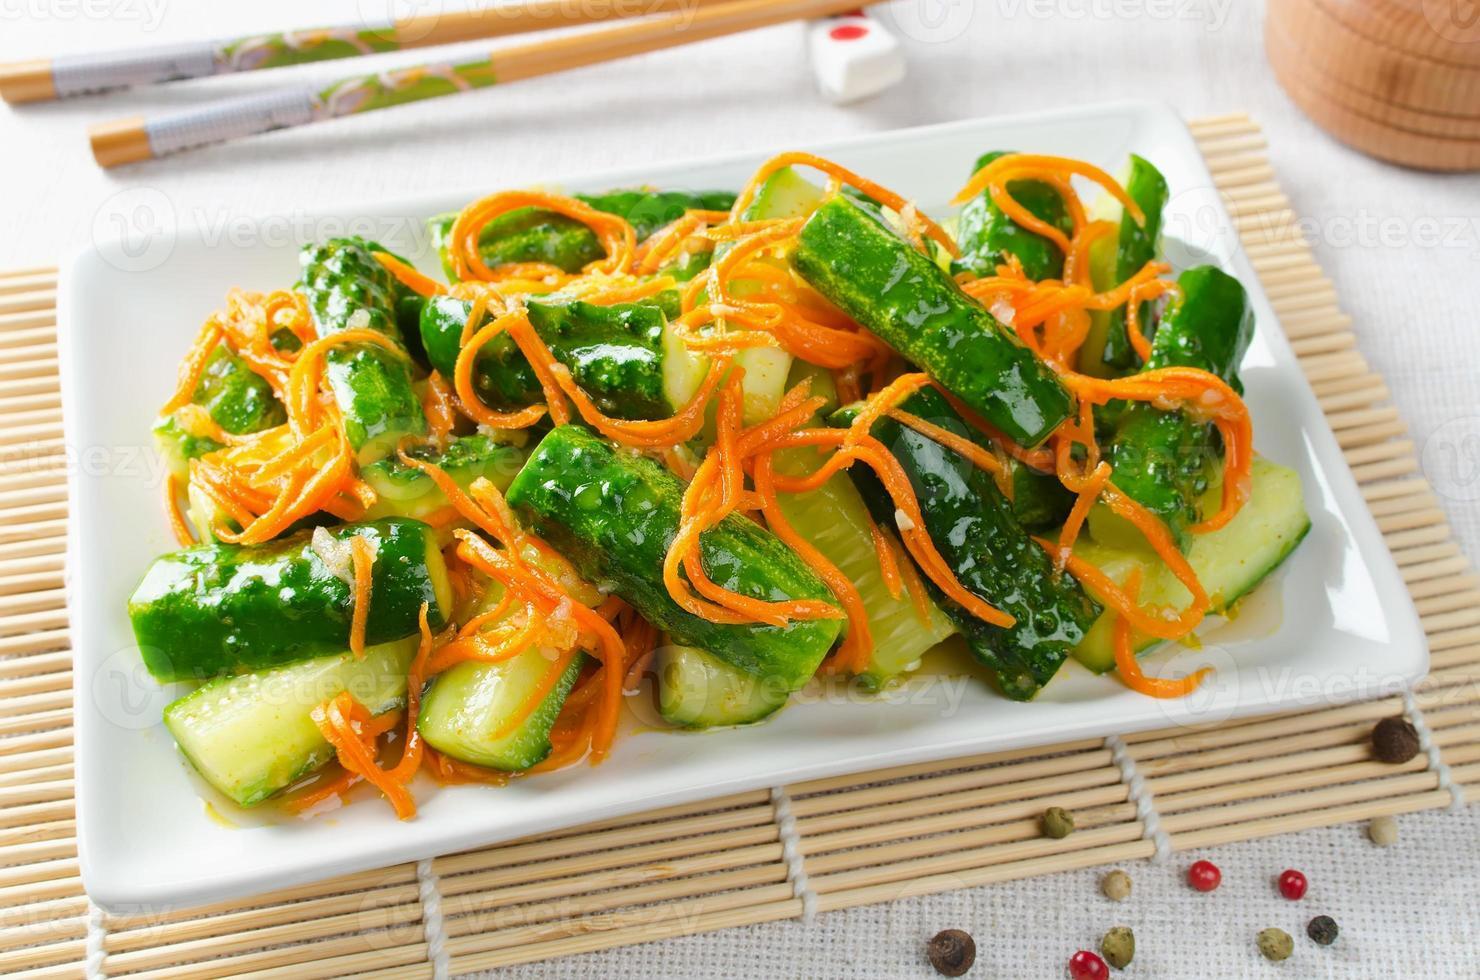 Gurkensalat mit Karotten foto